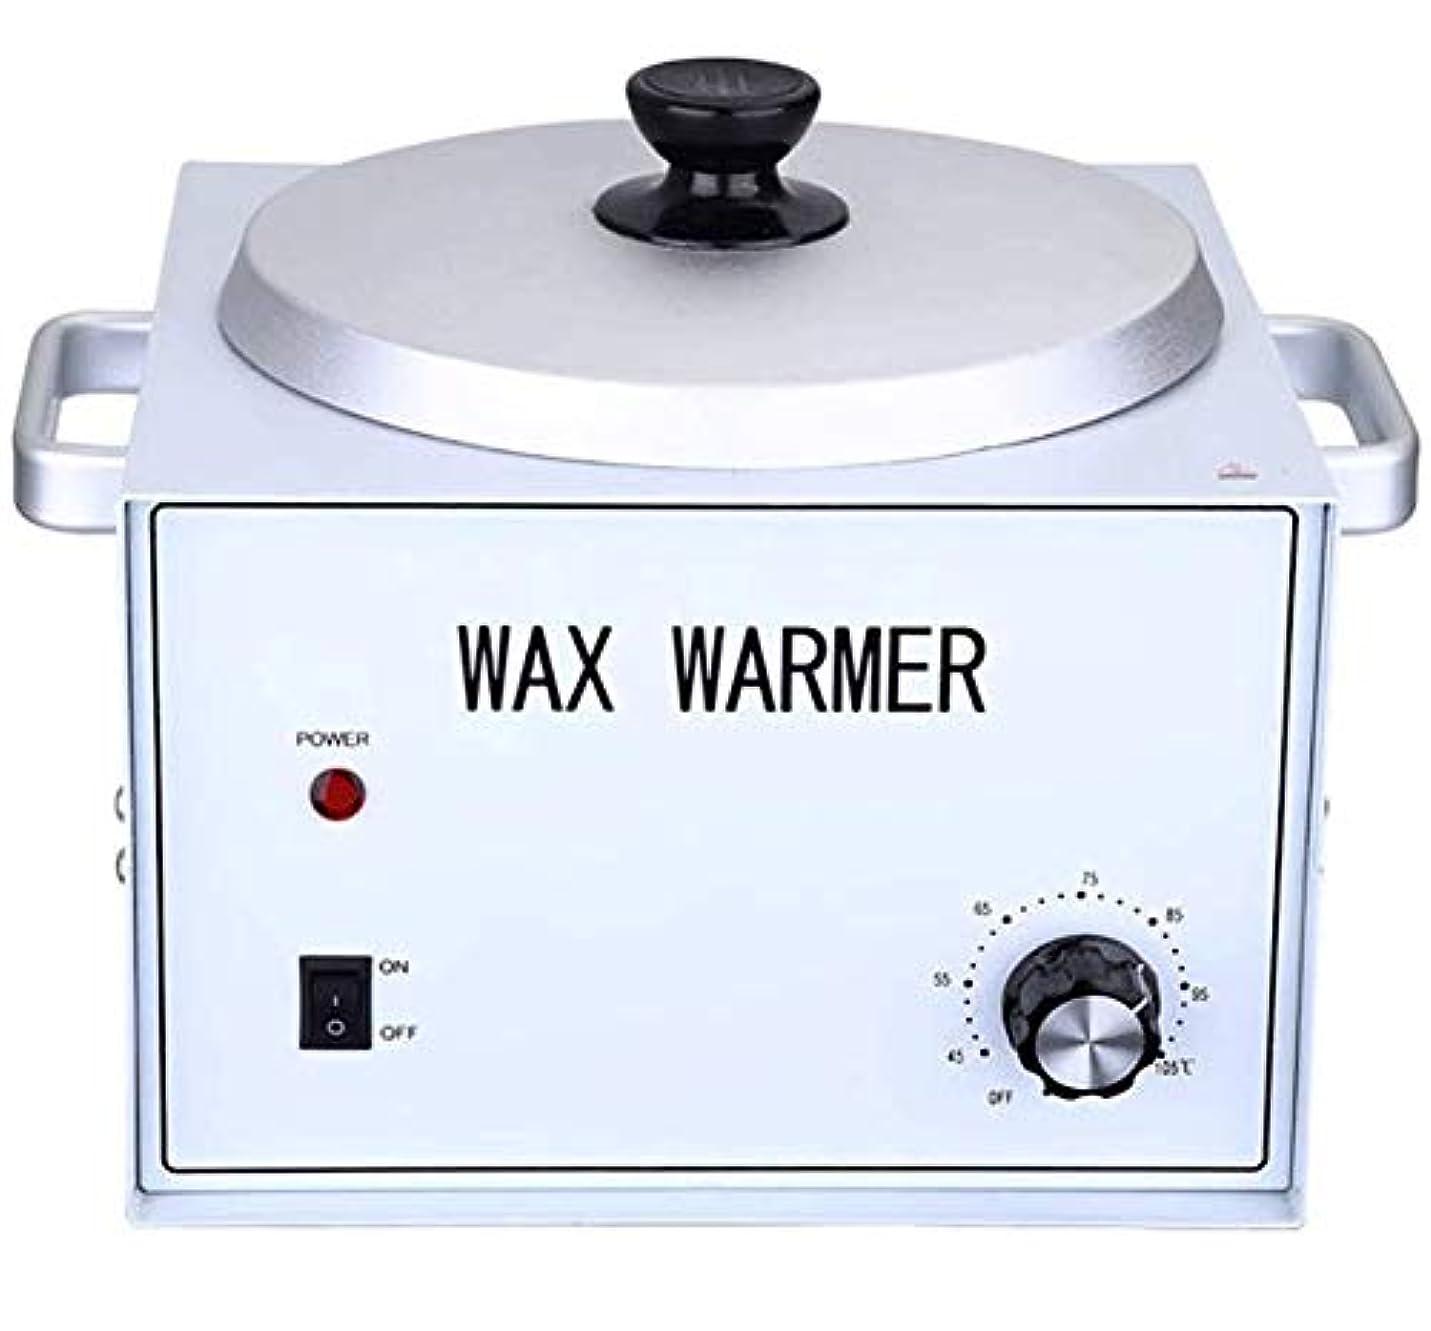 禁止する読書をするマウントすべてのWAXS(ソフト、ハード、パラフィン)の高速メルトプロフェッショナルヒーター脱毛ワックスヒーター脱毛ヒーターワックスウォーマーシングルポット